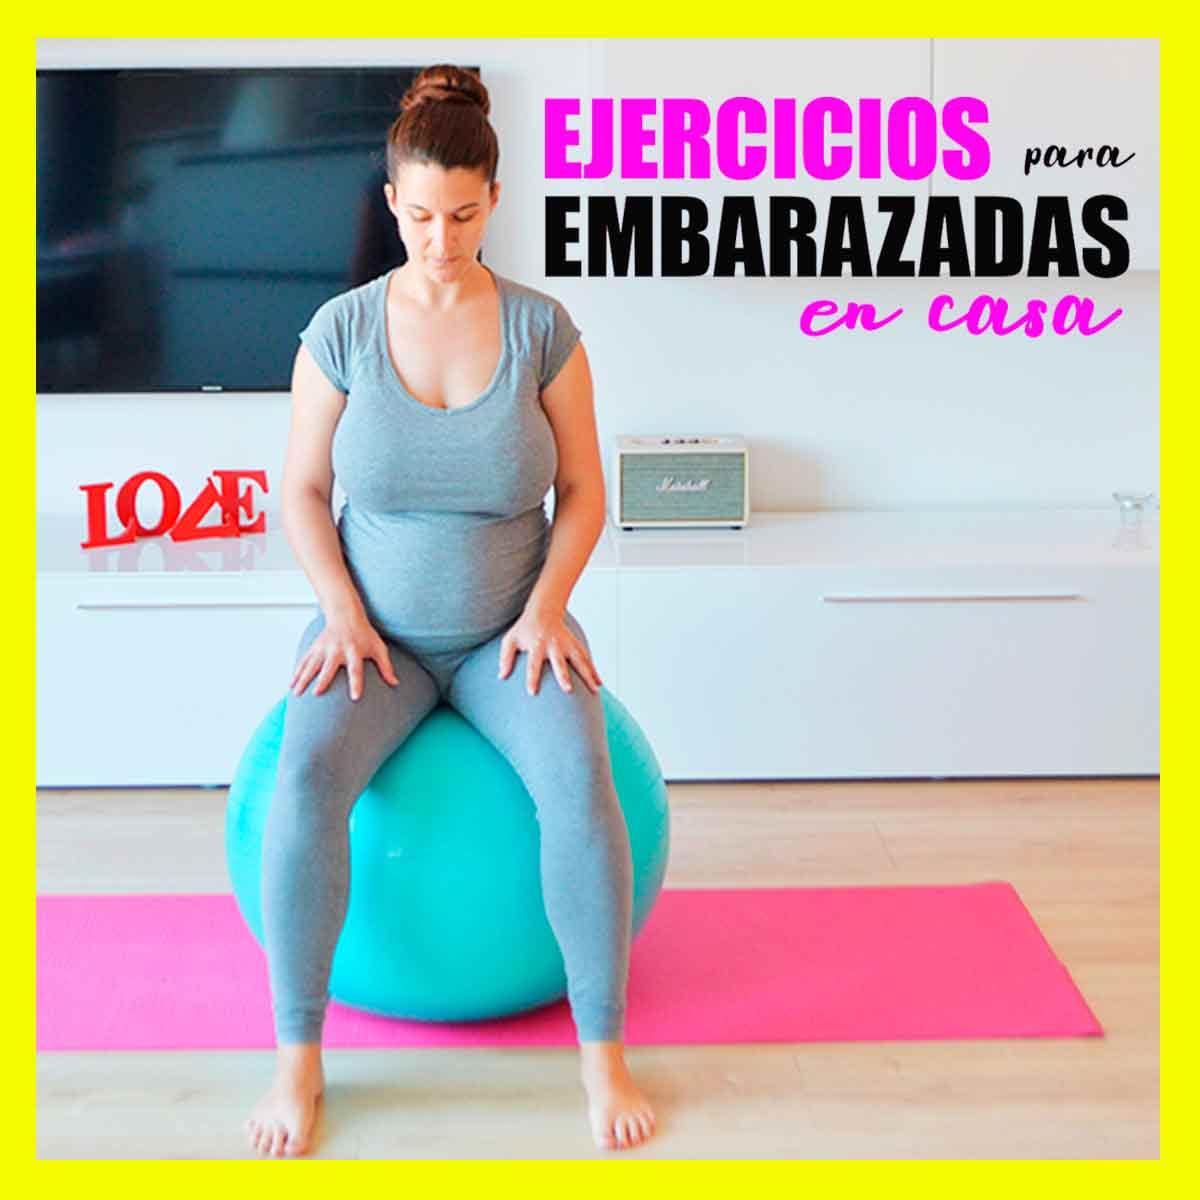 Ejercicios-para-embarazadas-con-pelota-ejercicios-preparacion-parto-embarazo-suelo-pelvico-perineo-relajacion-durante-embarazo